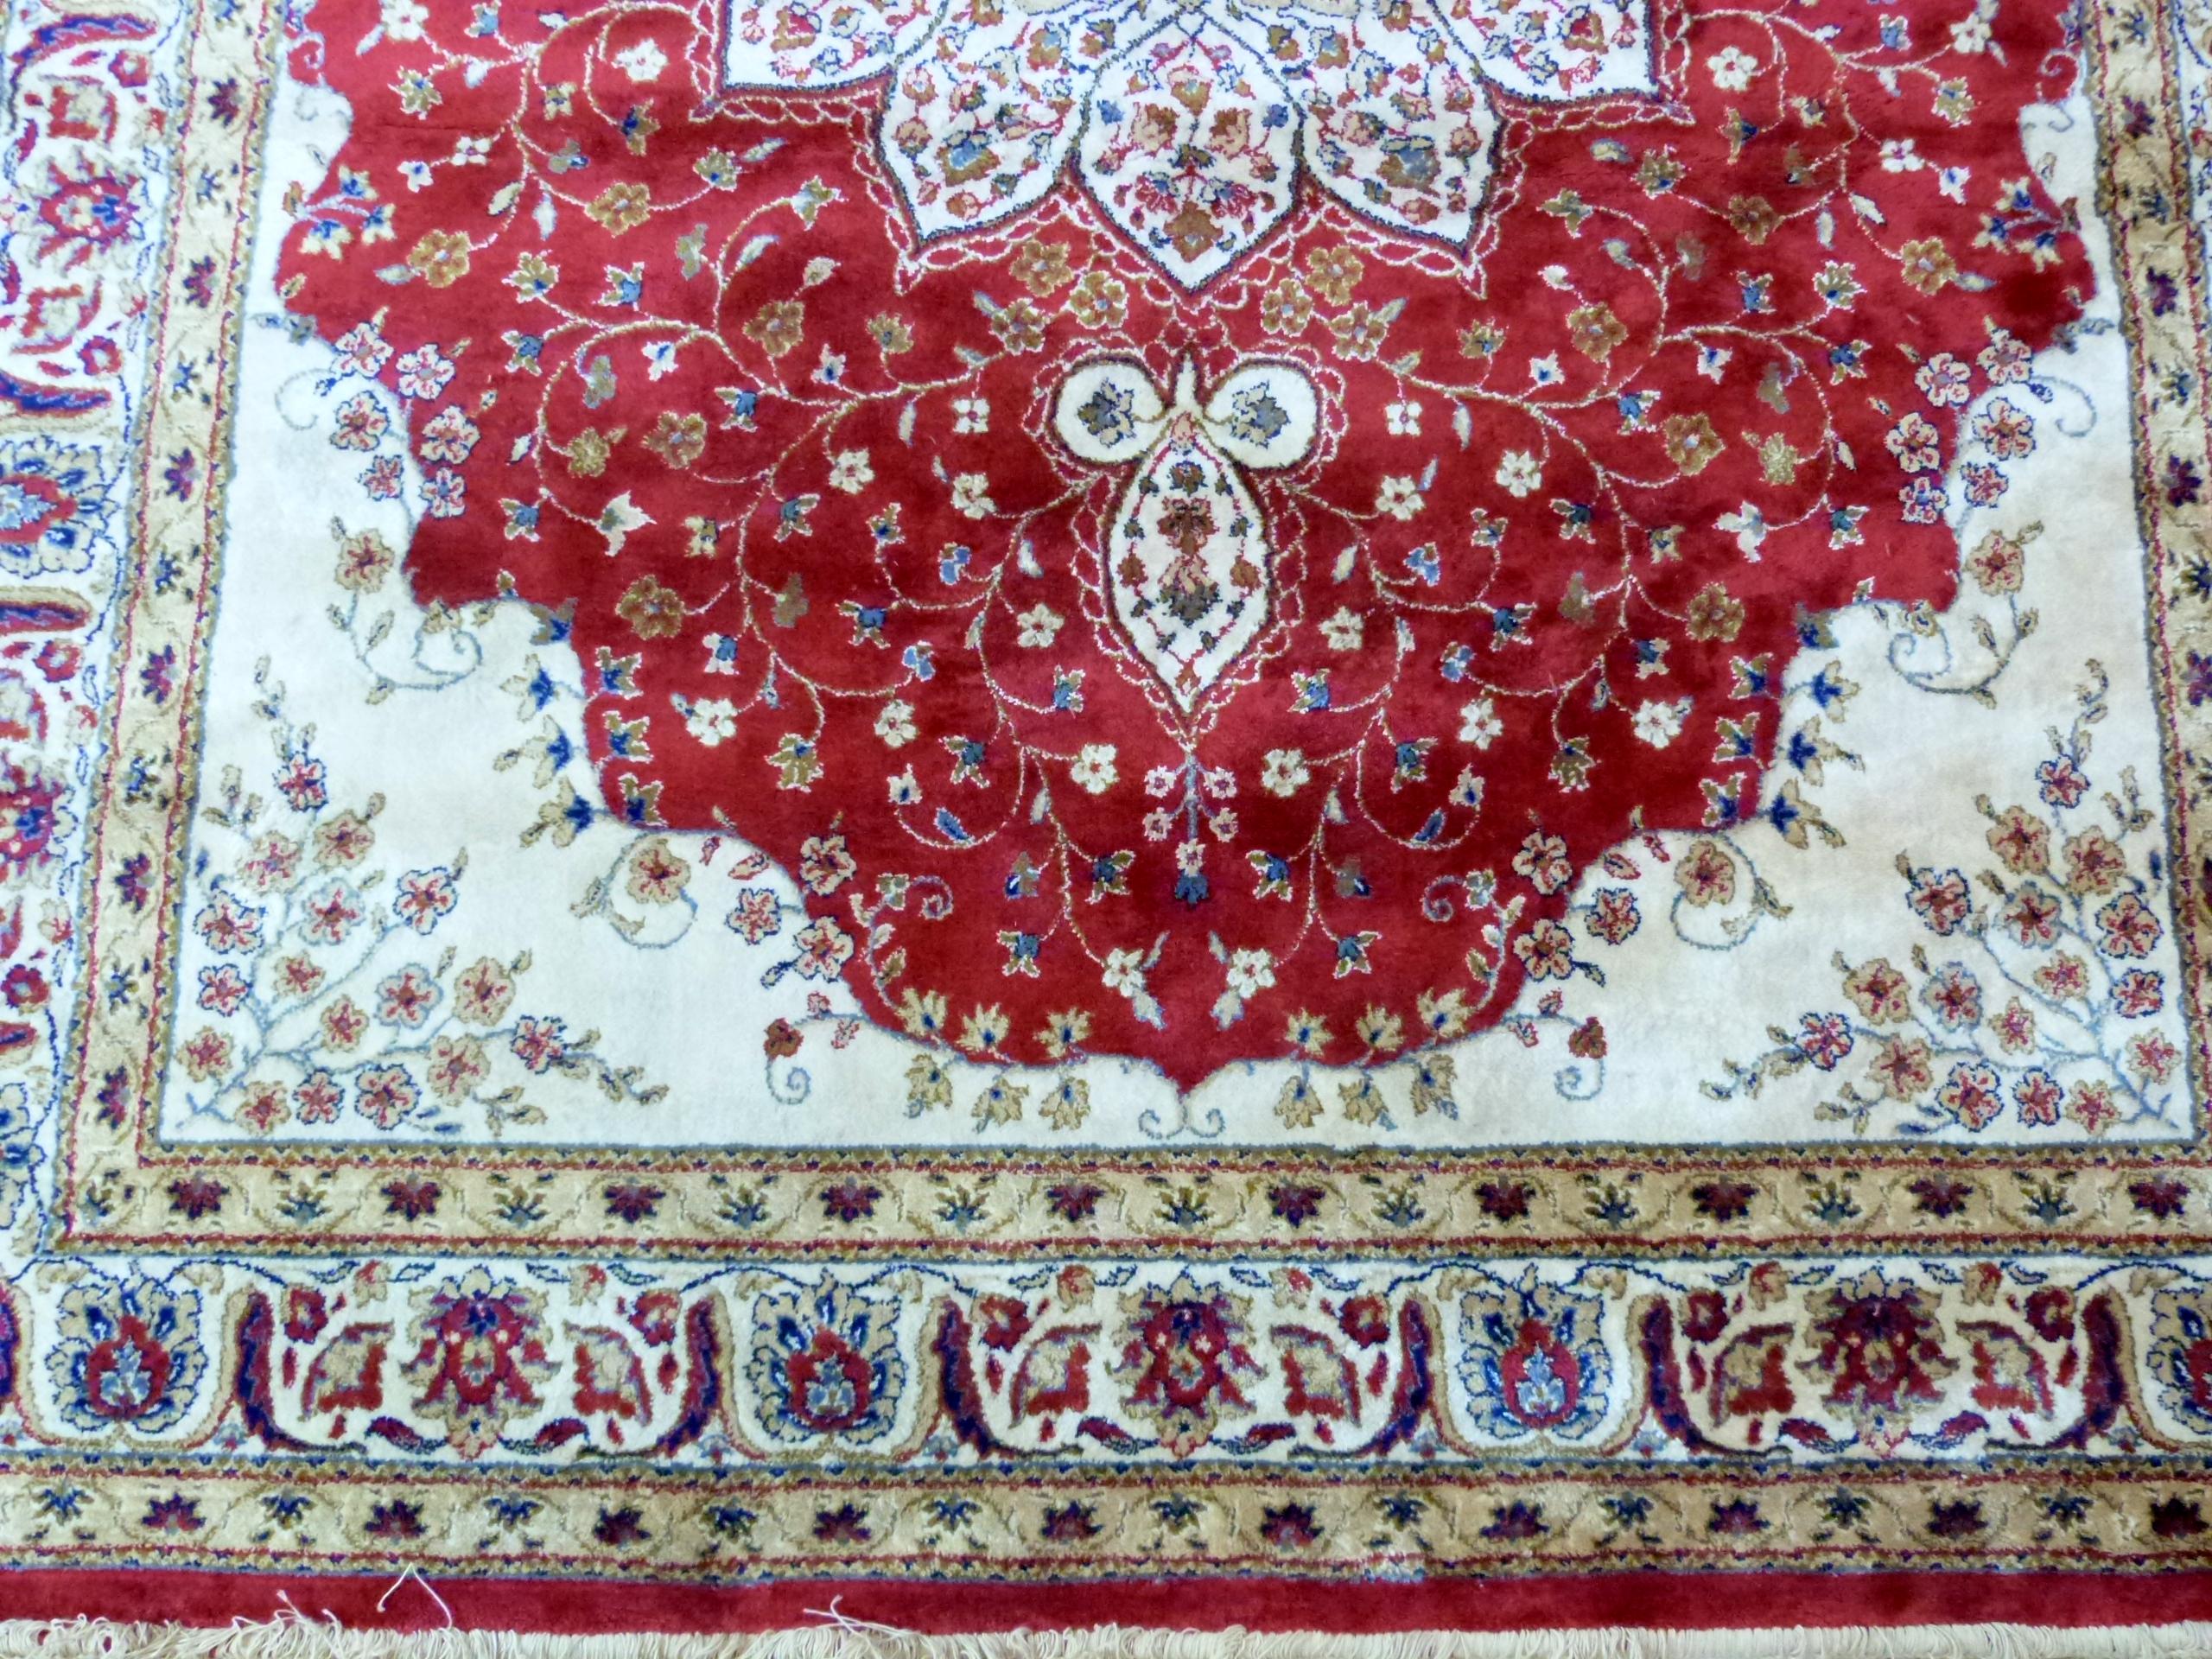 Red ground Kashmir floral medallion design Rug, 240 x 156cm approx - Image 2 of 6